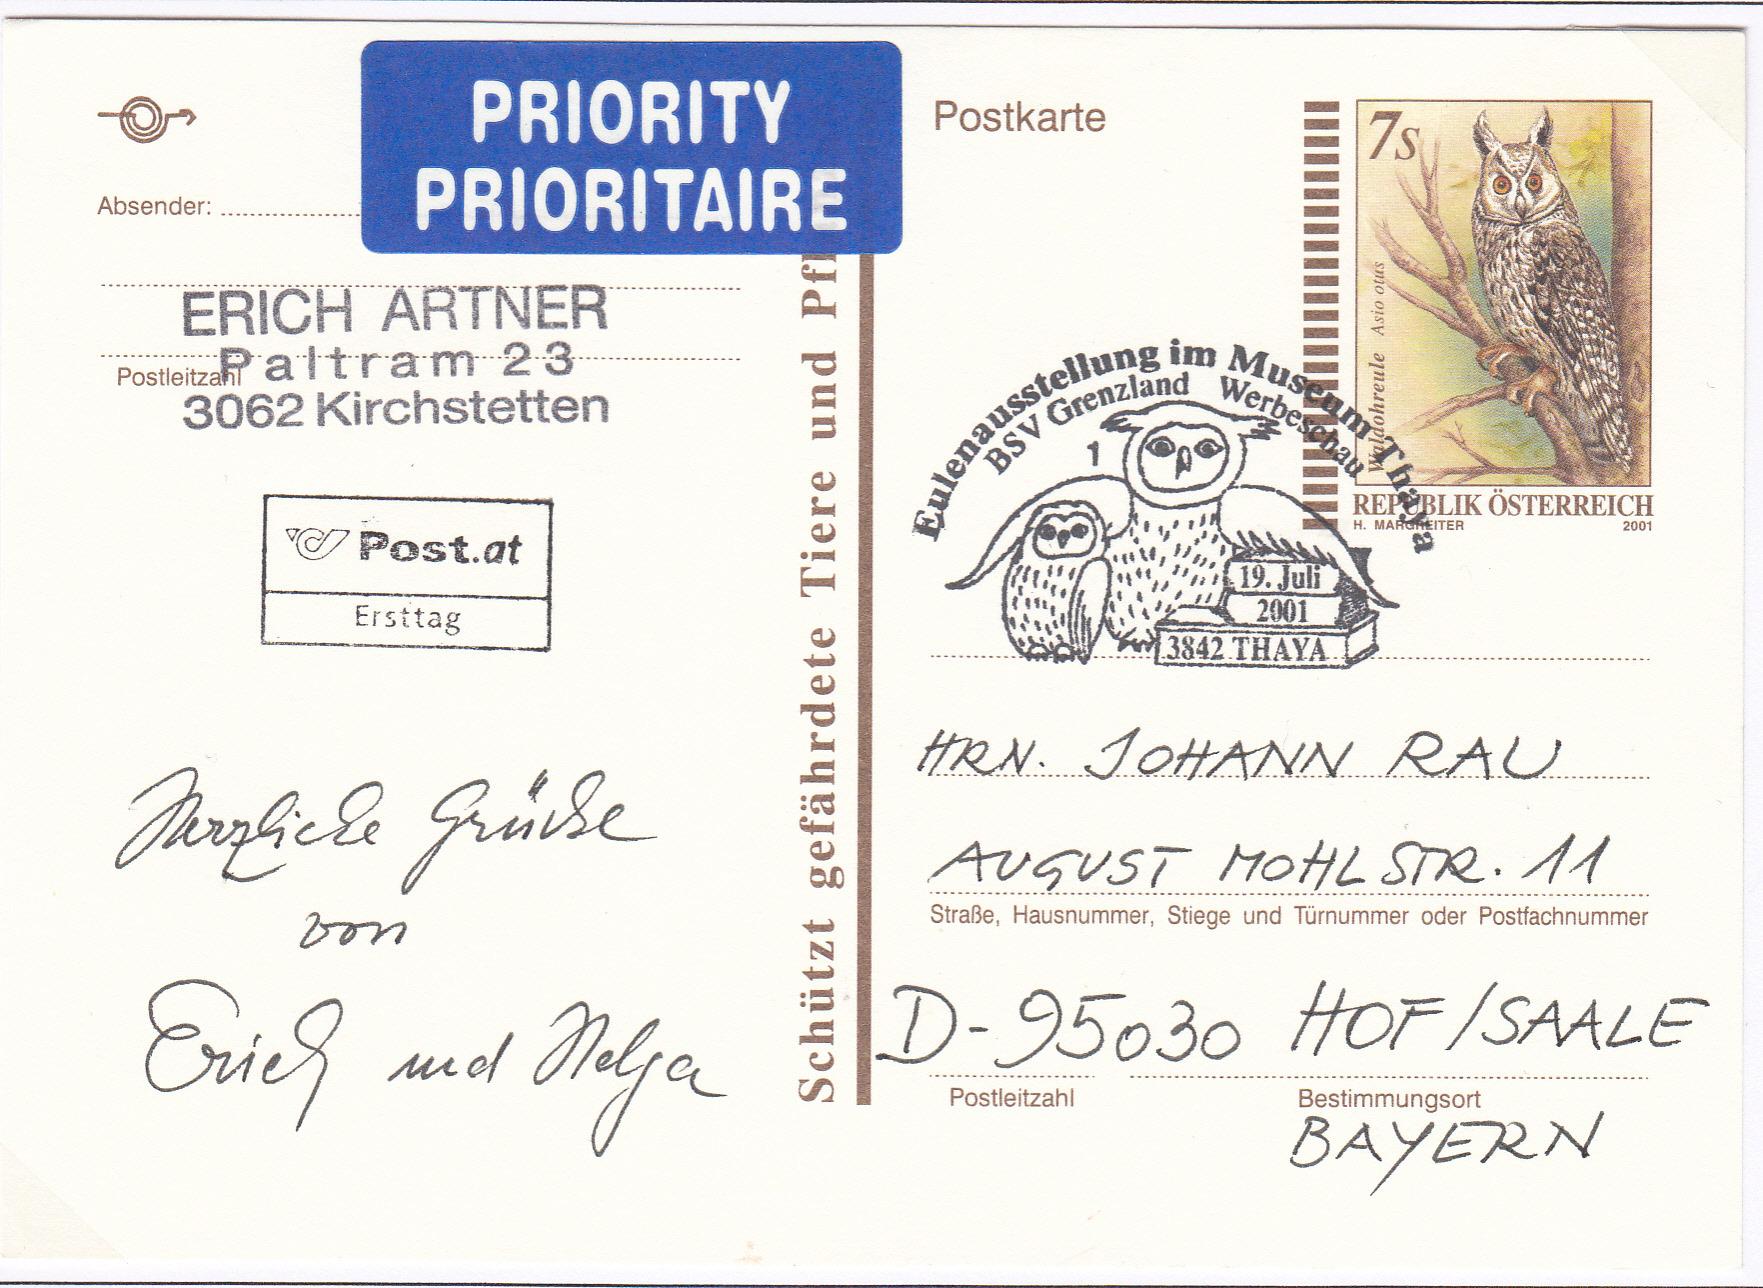 Letzte Postkarte in Schillingwährung Img_0177